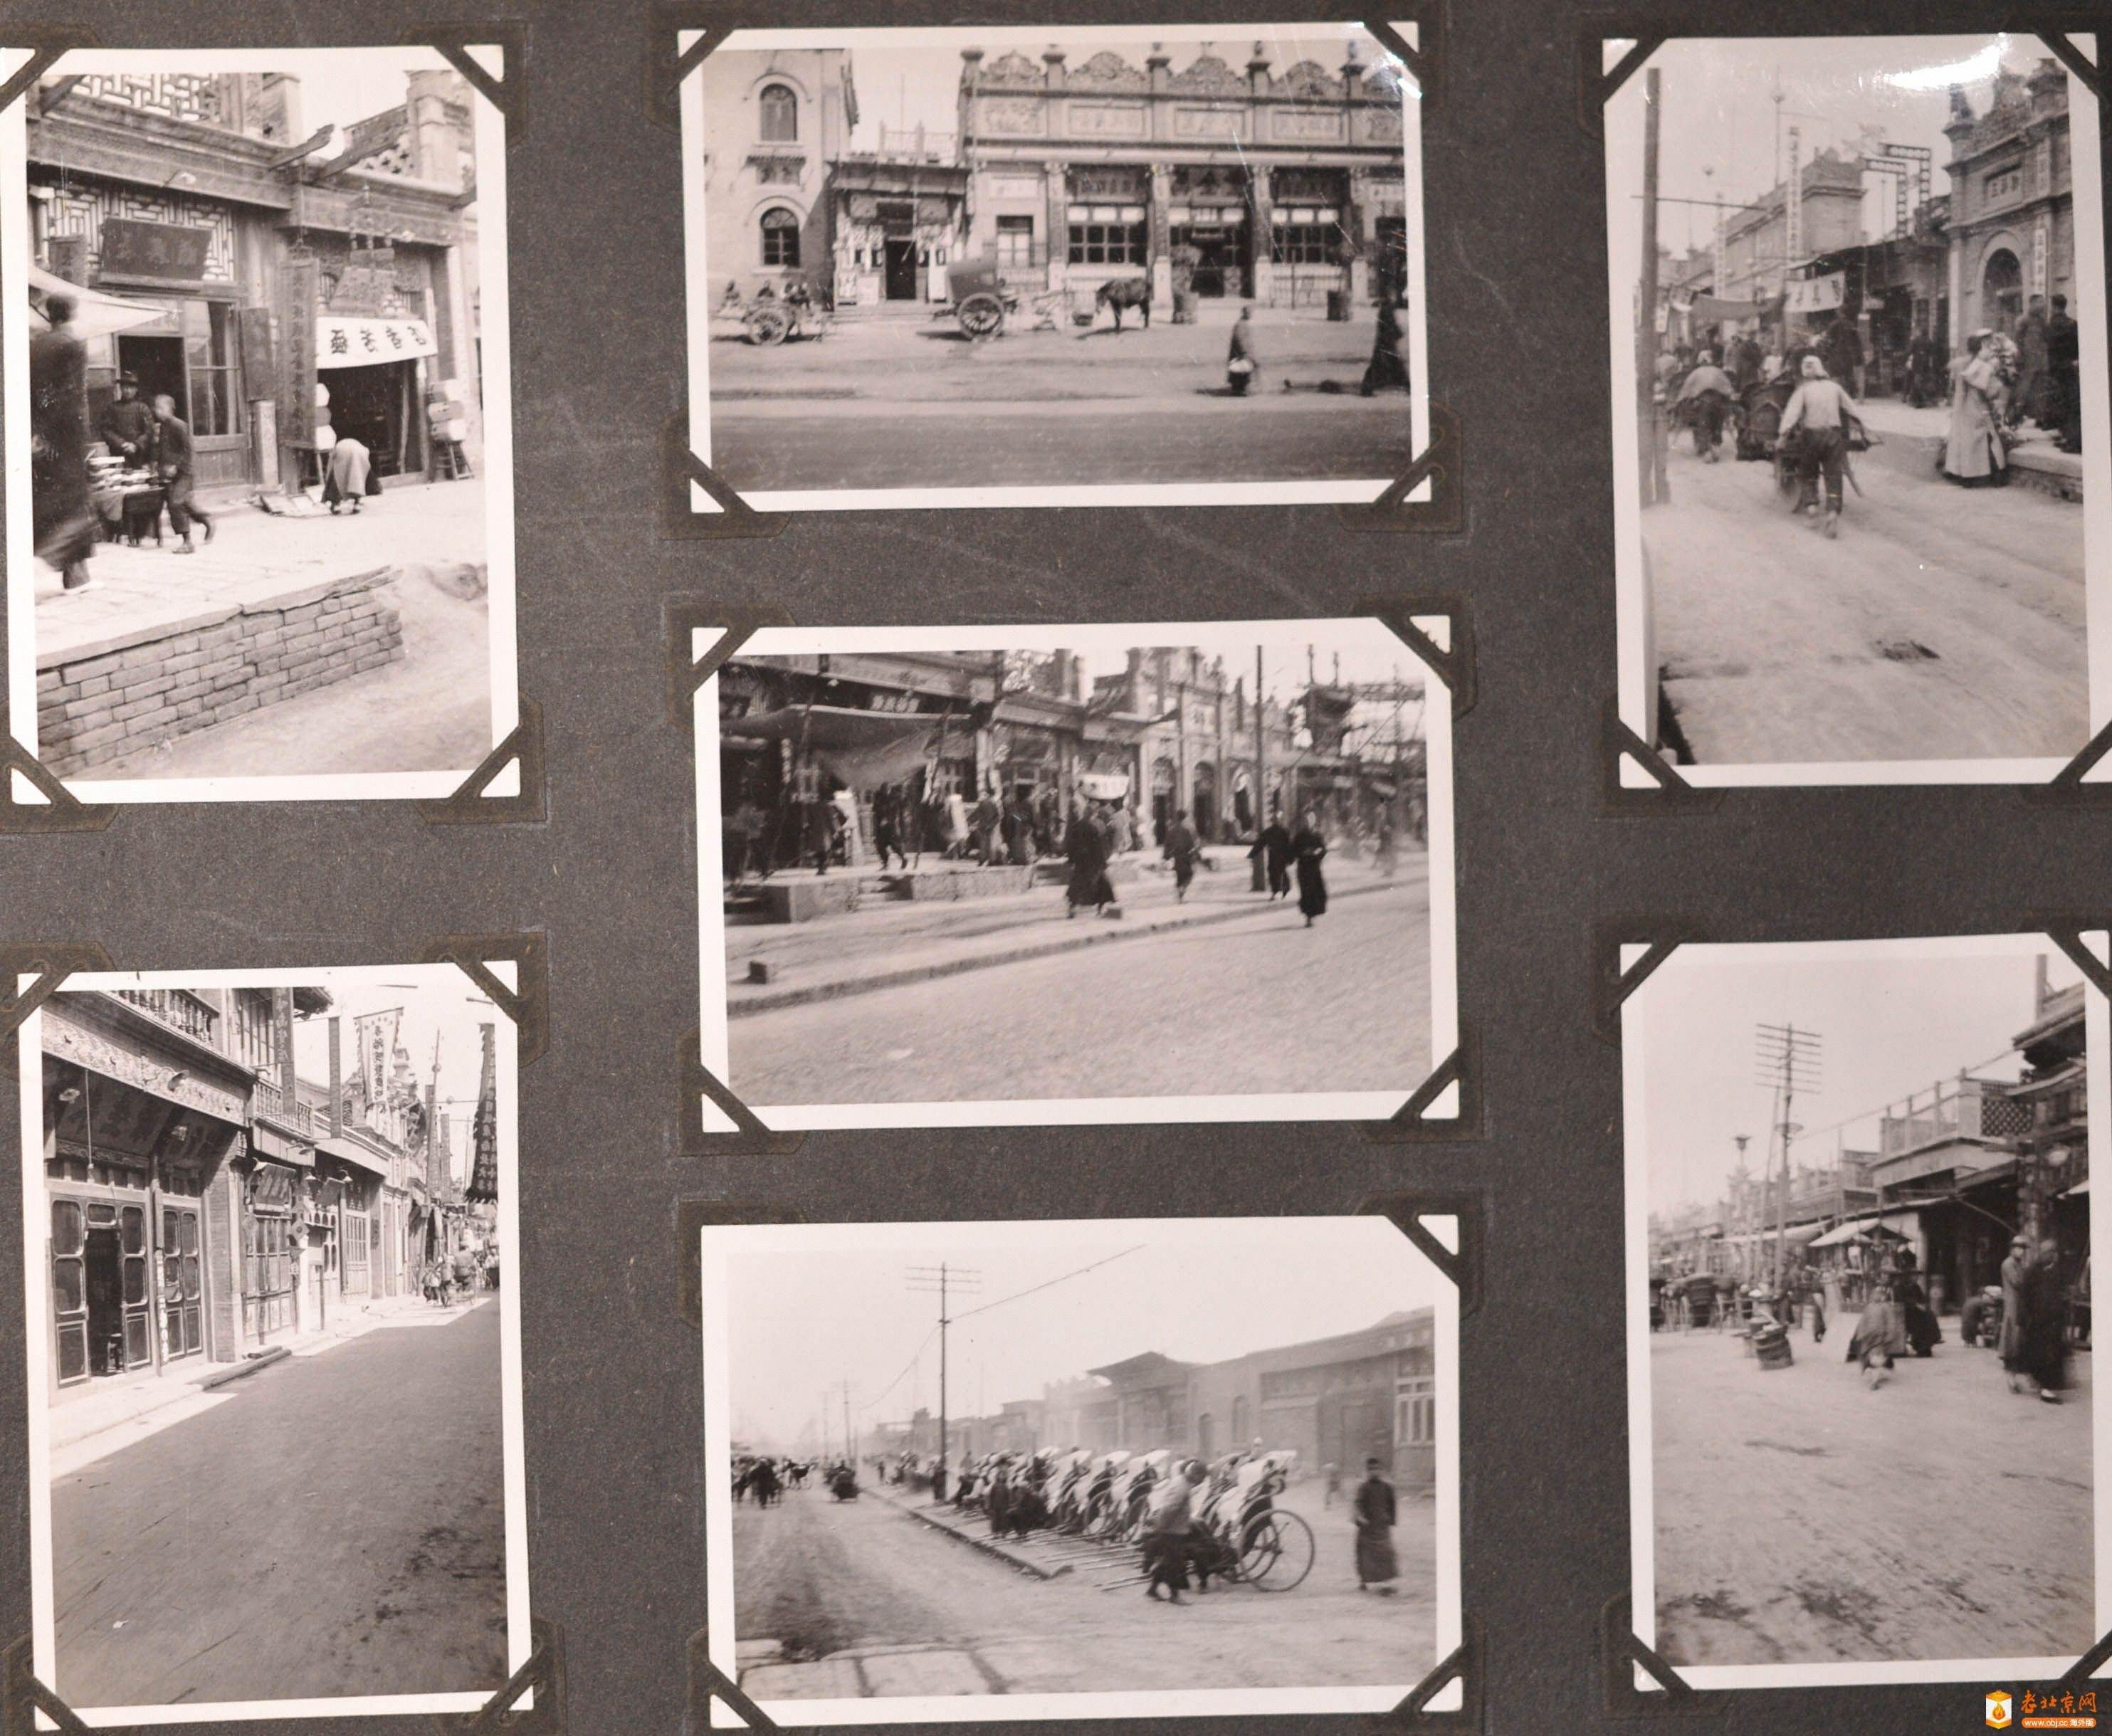 是不是1930年代的北京街道呀